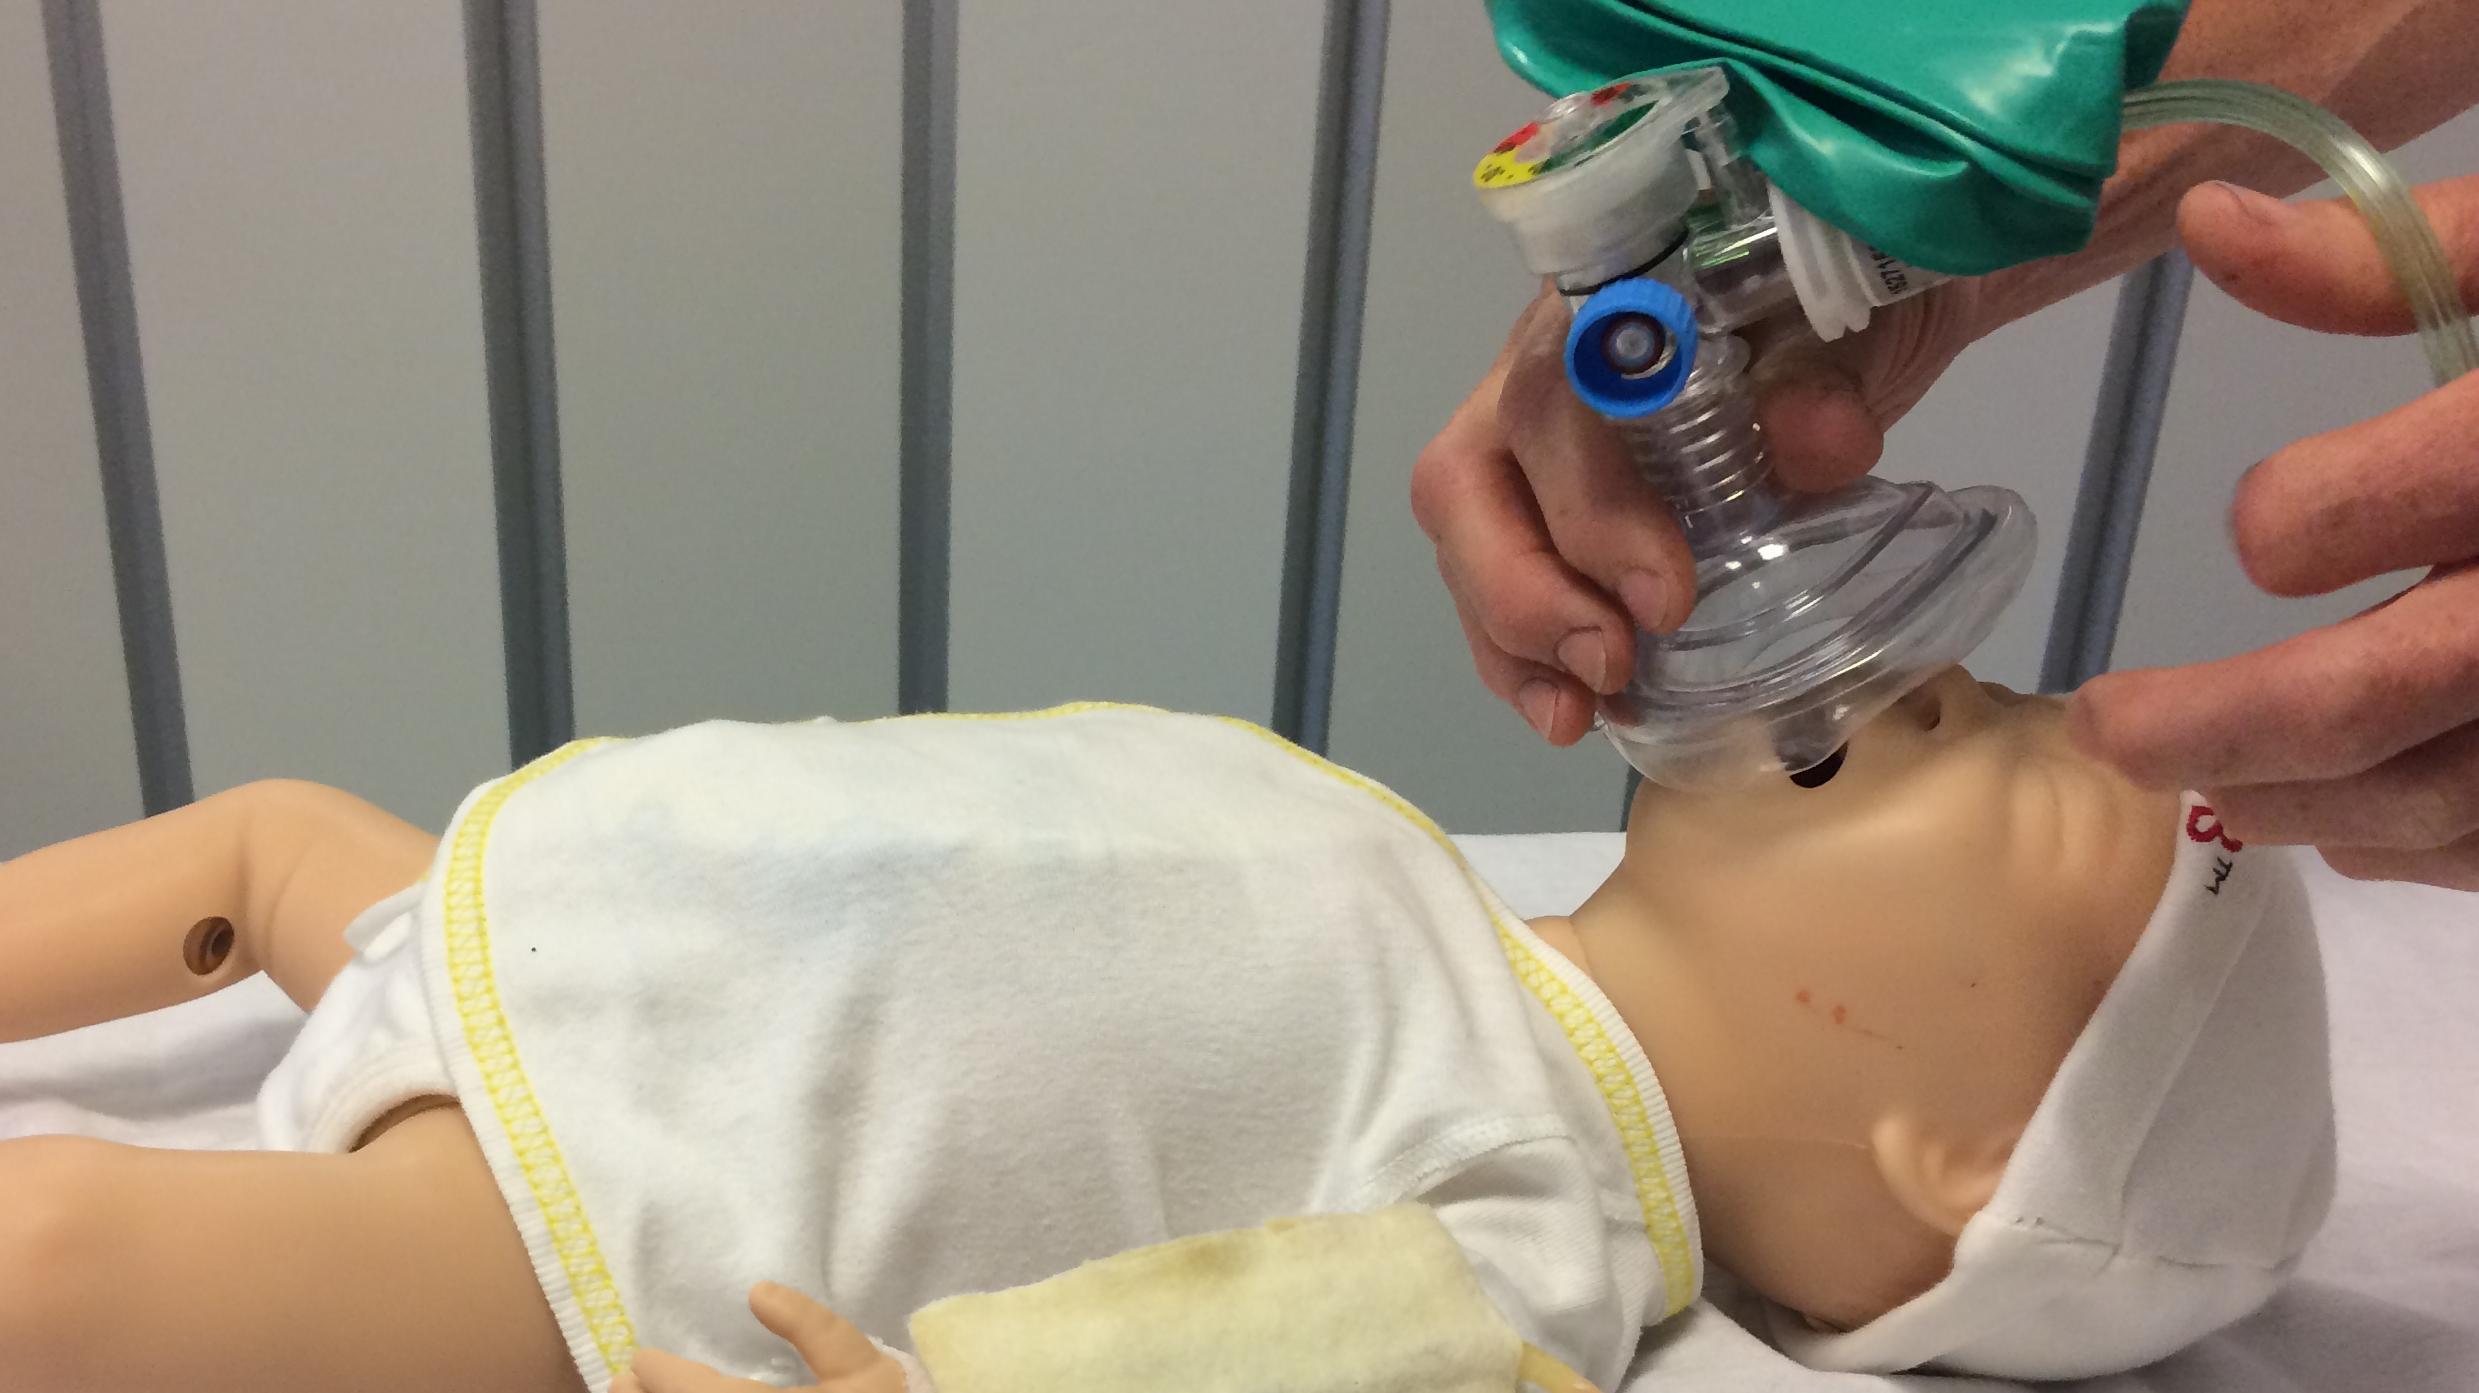 Simulationstræning, dukke, Aalborg Universitetshospital